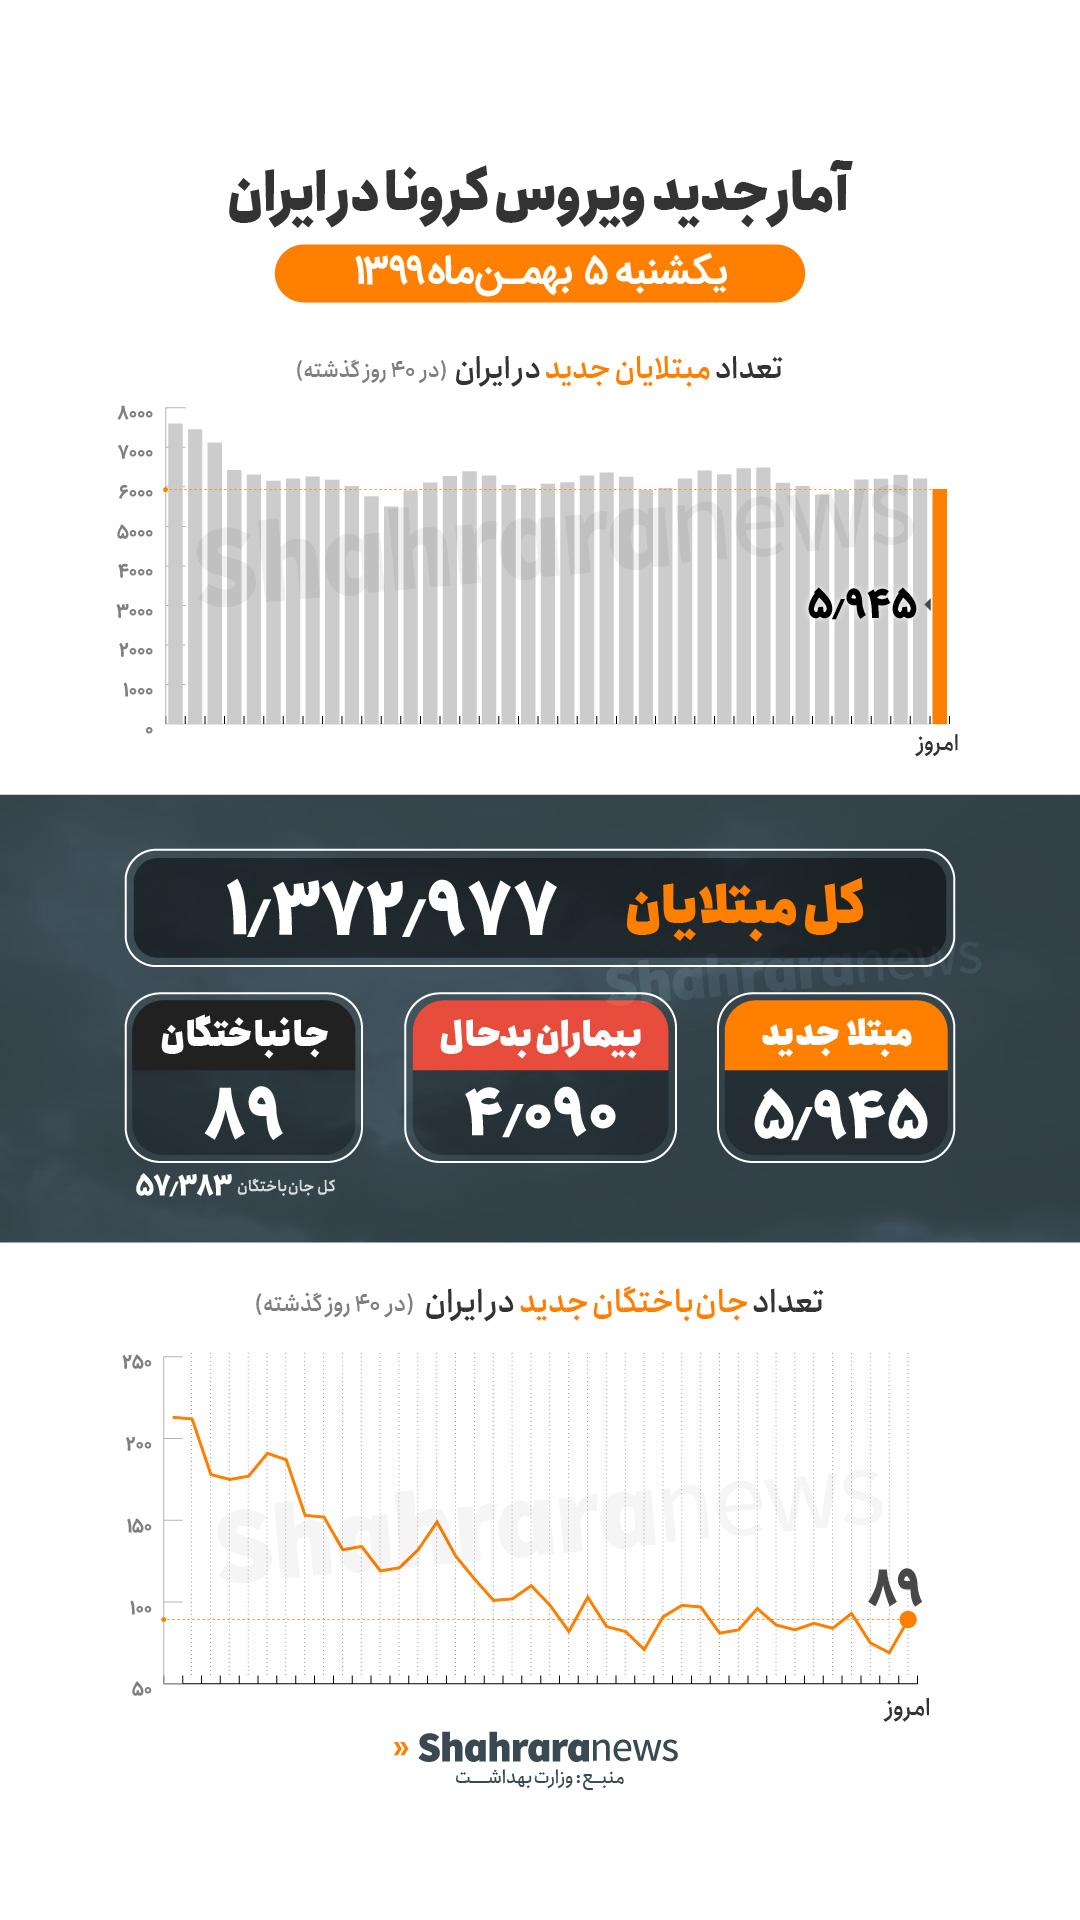 آمار کرونا در ایران ۵ بهمن | فوت ۸۹ بیمار کرونایی و شناسایی ۵۹۴۵ بیمار جدید